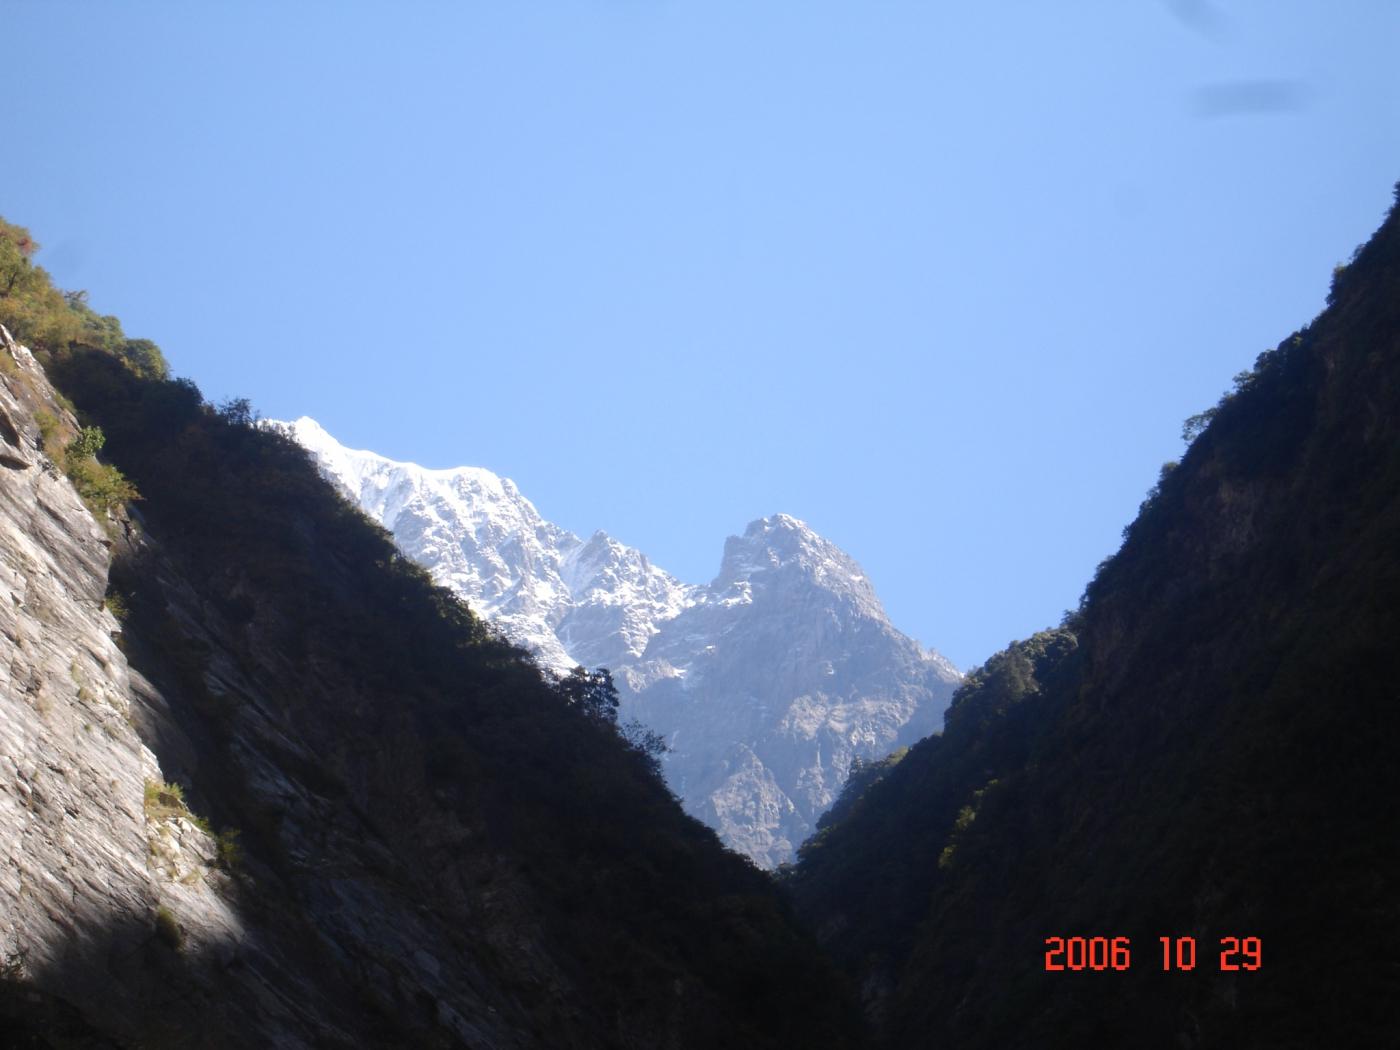 【汉良子】虎跳峡--中国最深的峡谷之一(图)_图1-6